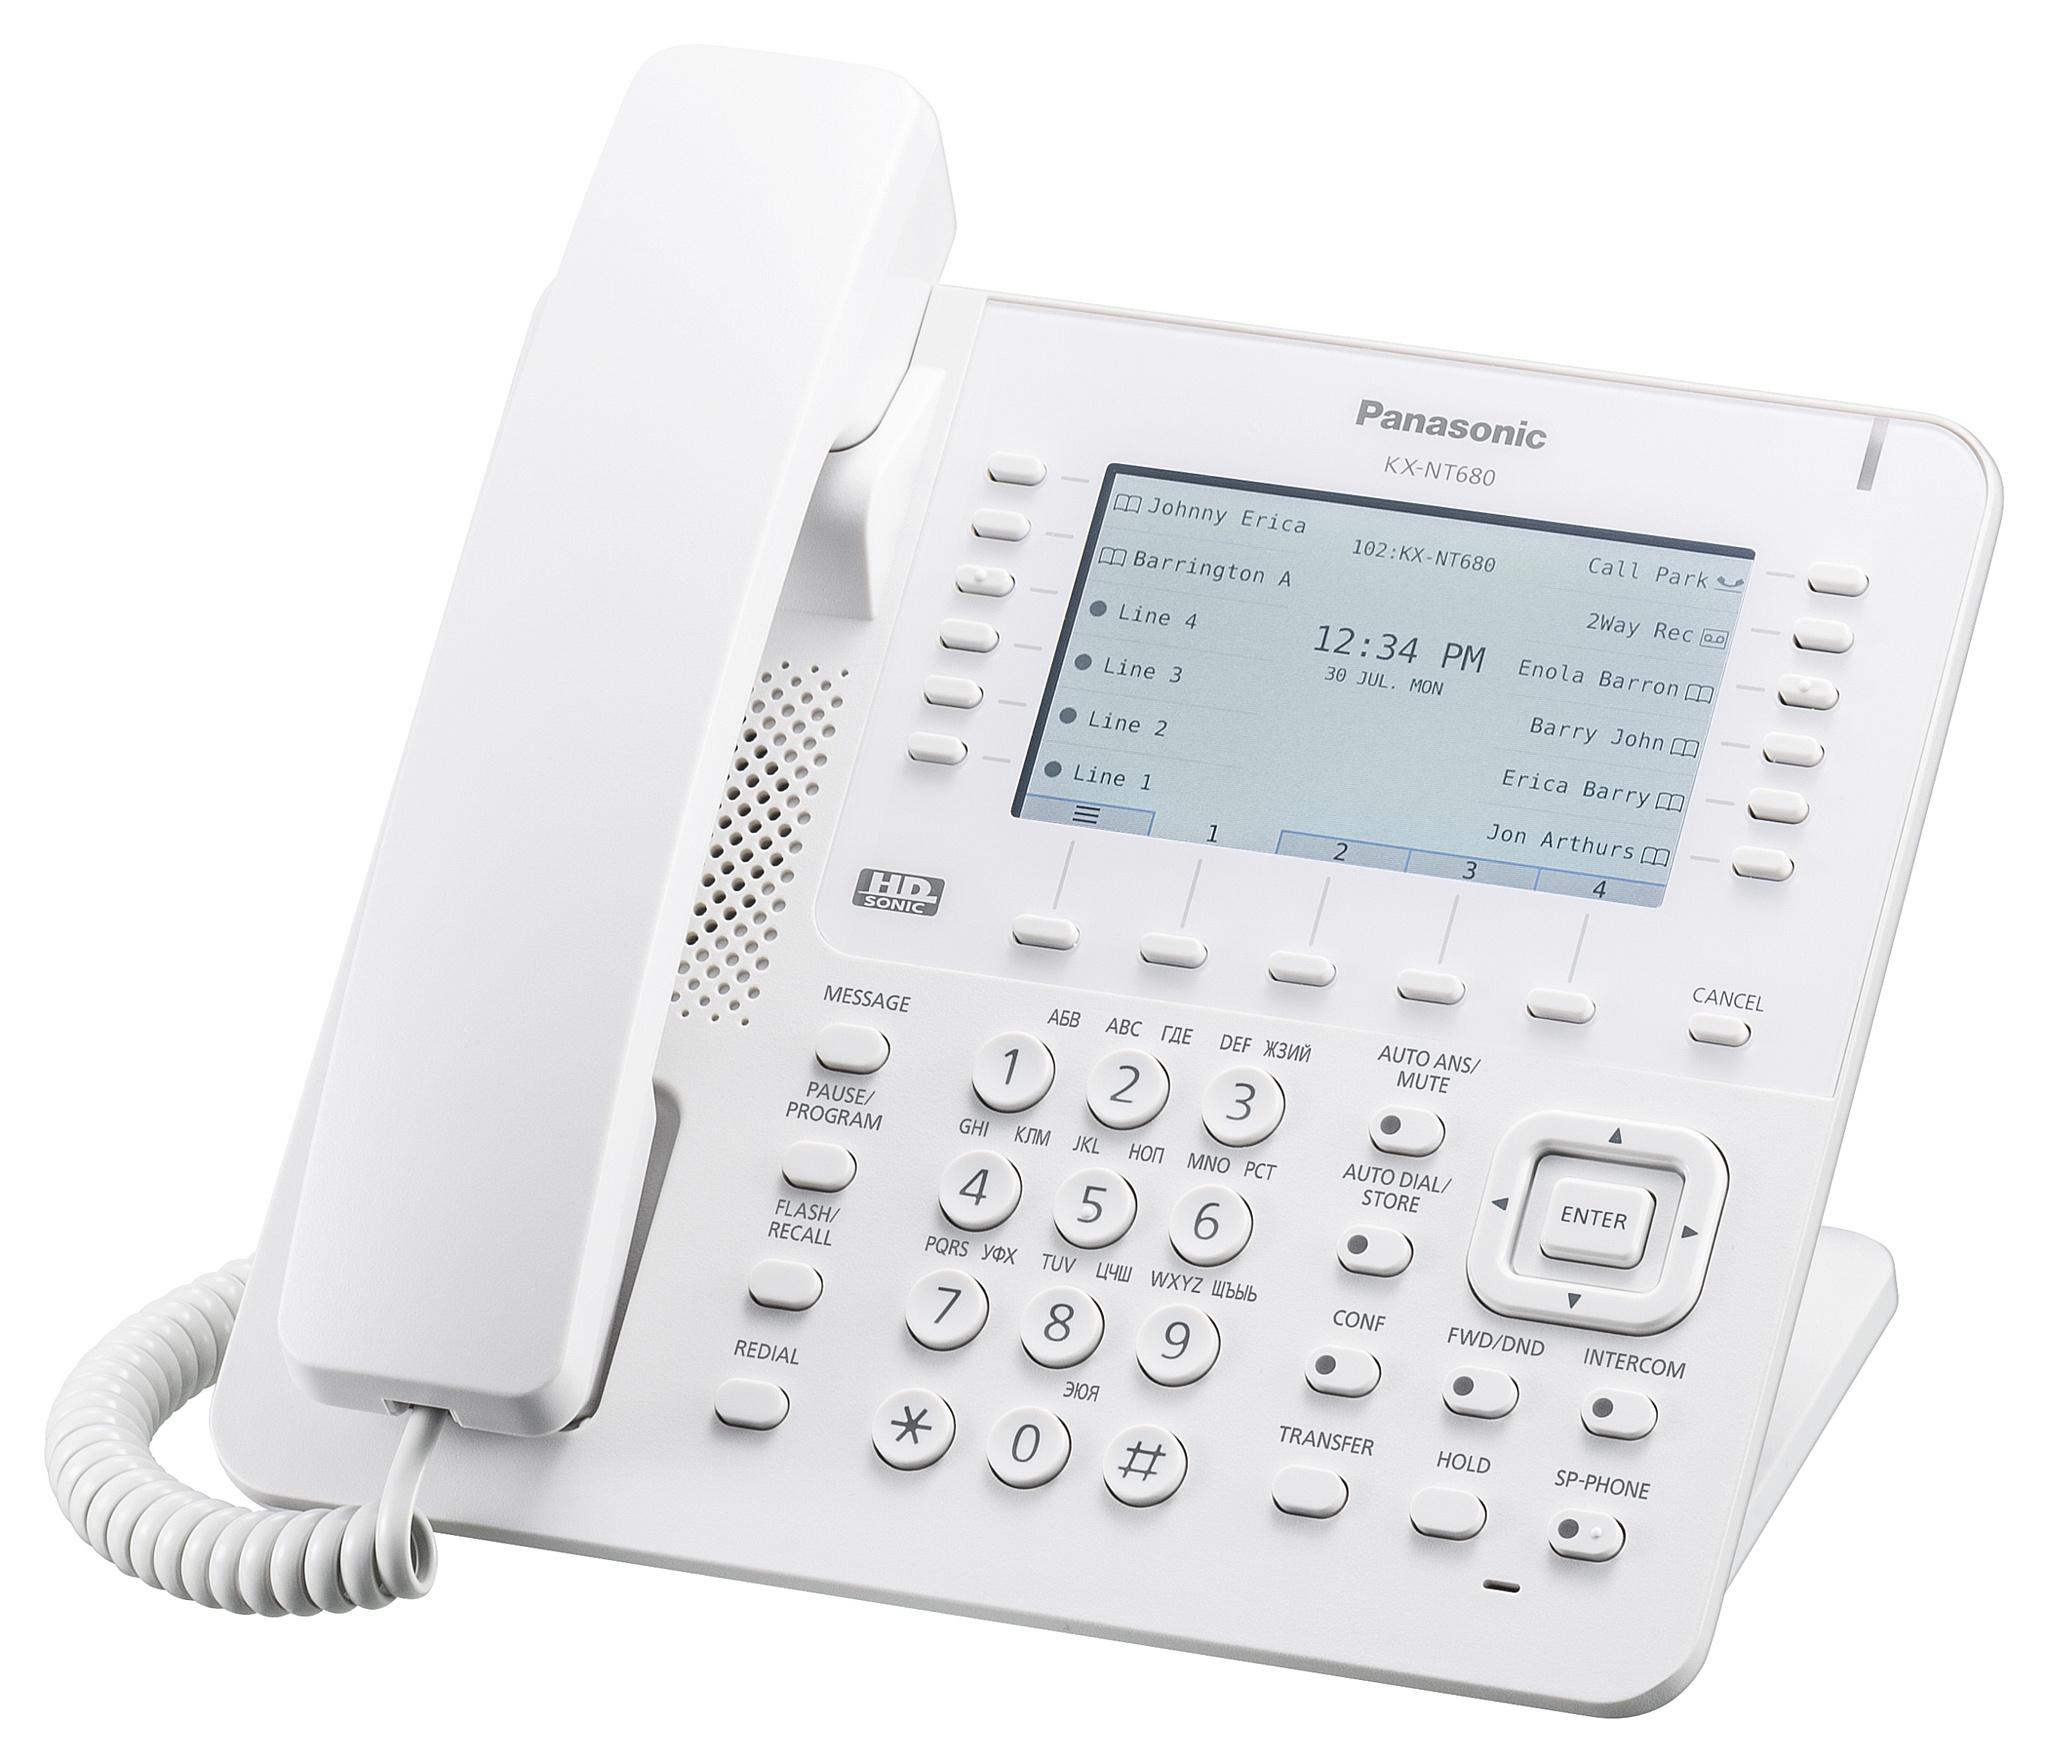 Новая серия IP-телефонов Panasonic